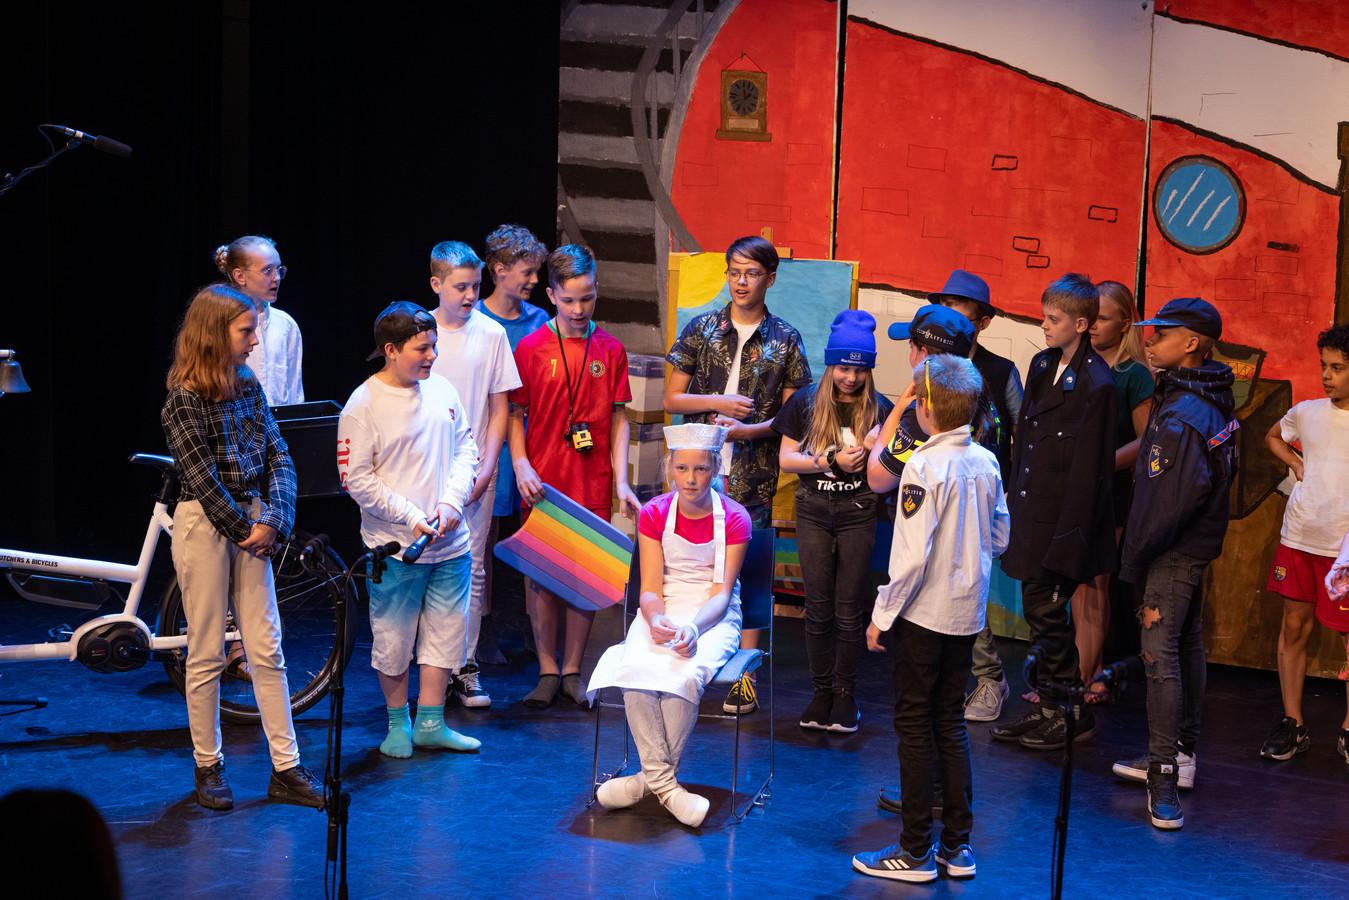 Wie stal het schilderij uit het museum? Die vraag moest groep 8 van de Flevosprong in Dronten beantwoorden tijdens de musical. Daniëlle wordt onterecht beschuldigd.